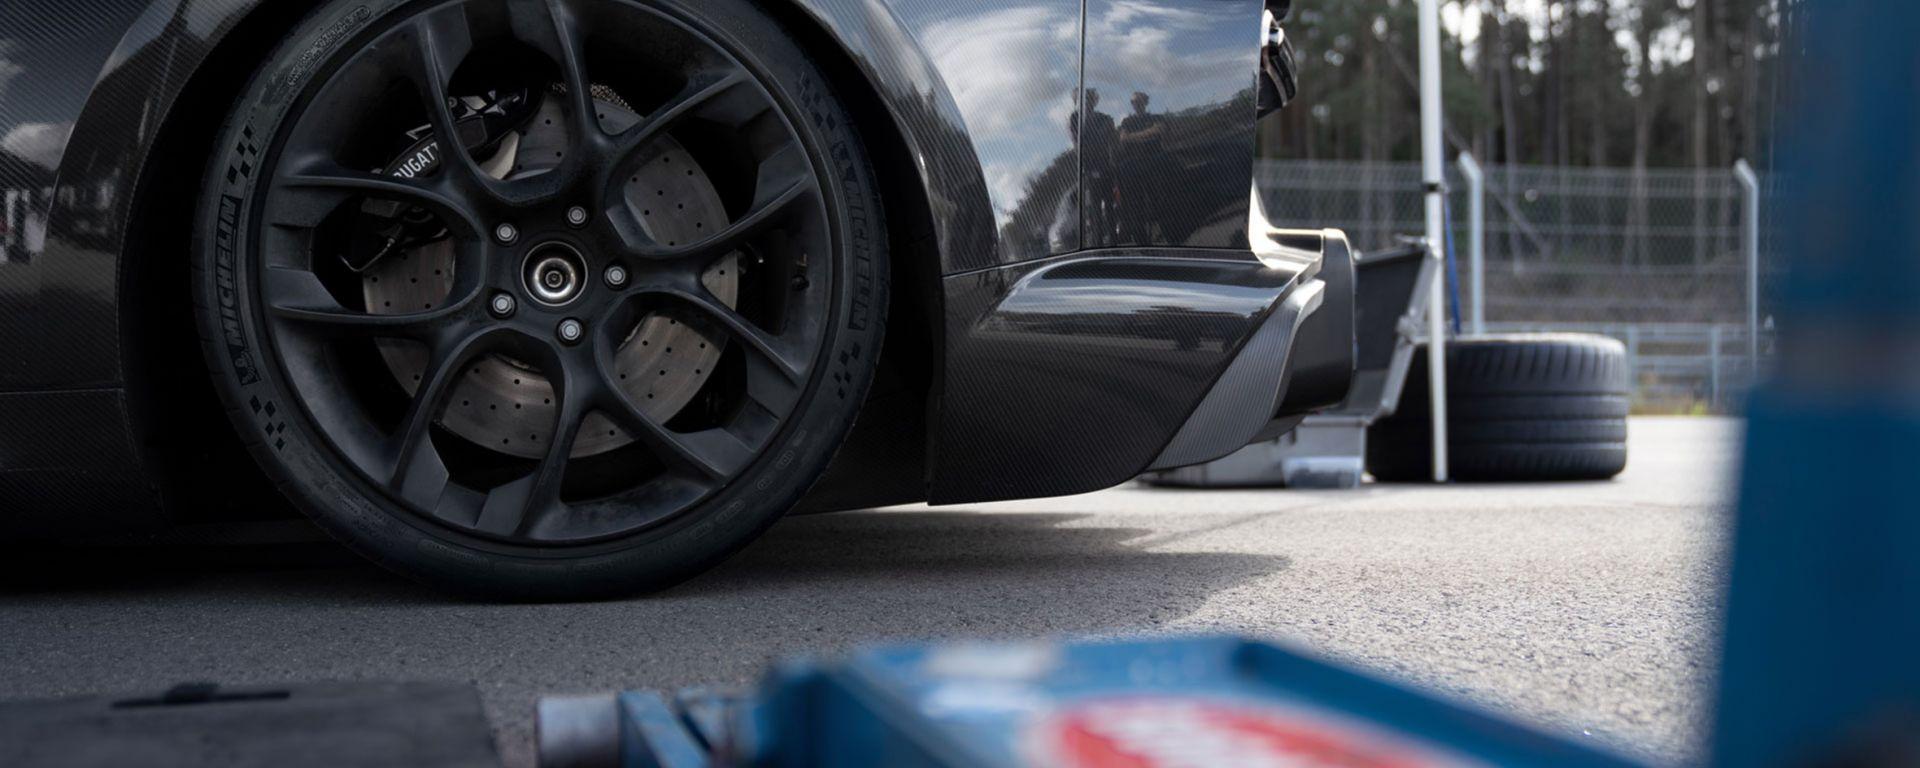 Gomme da record: i segreti dei pneumatici di Bugatti Chiron